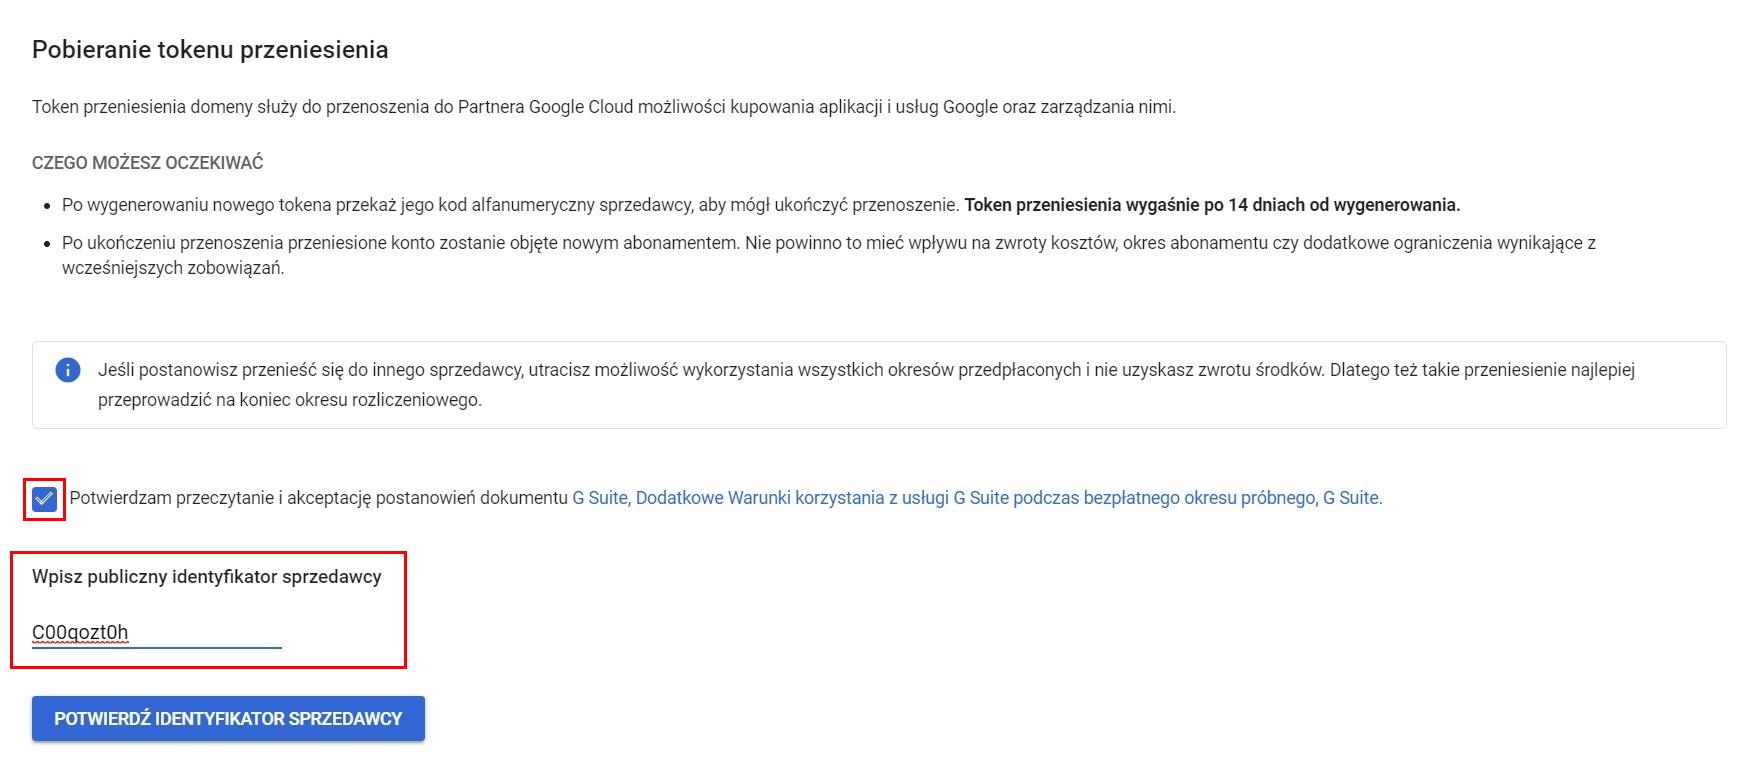 Jak przenieść konto Google do sprzedawcy? Migracja G Suite przy użyciu tokena przeniesienia